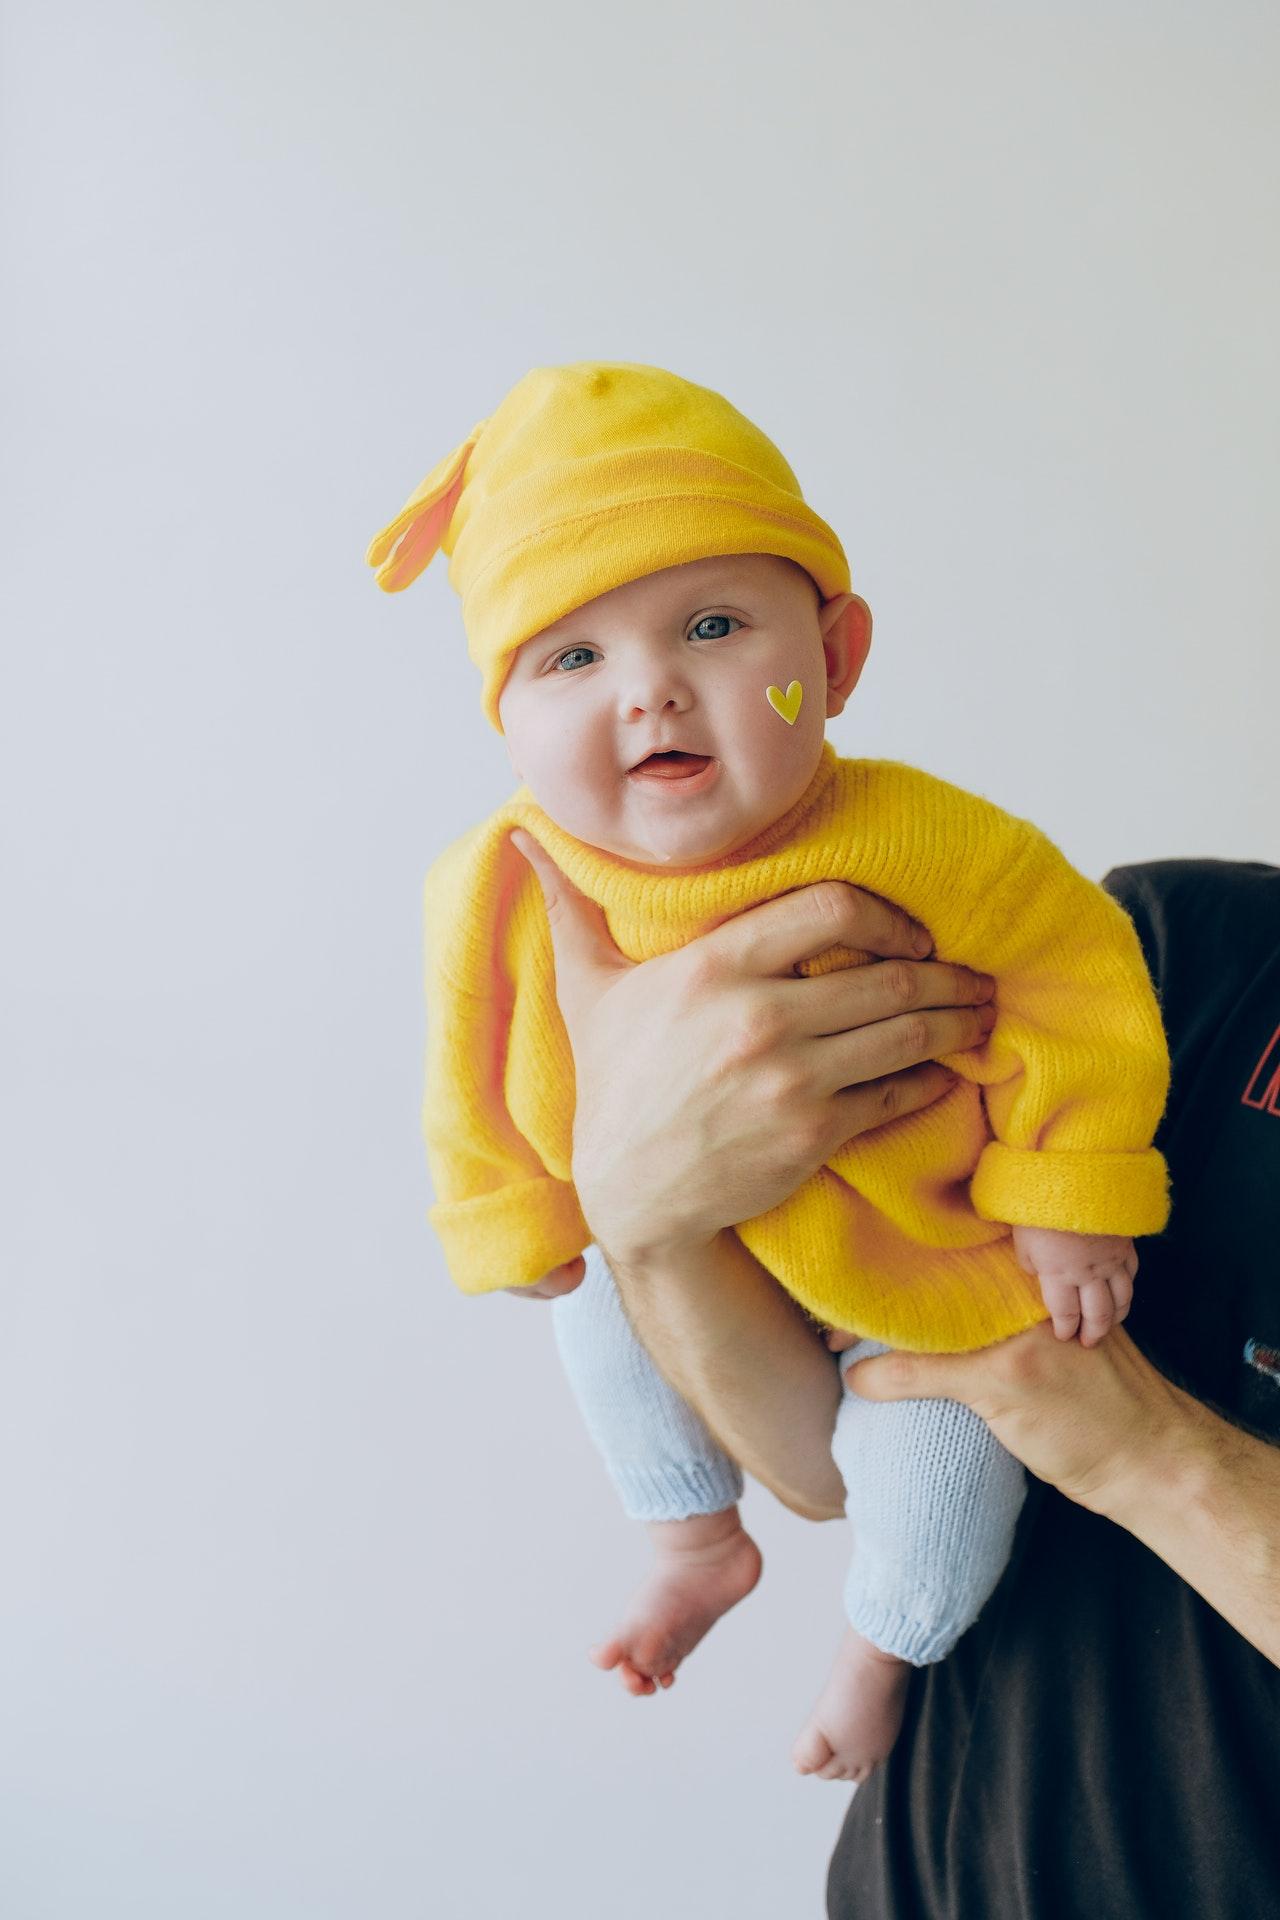 Bebeğin hıçkırması, Bebekler Neden Hıçkırır? Bebeklerde Hıçkırık Neden Olur?